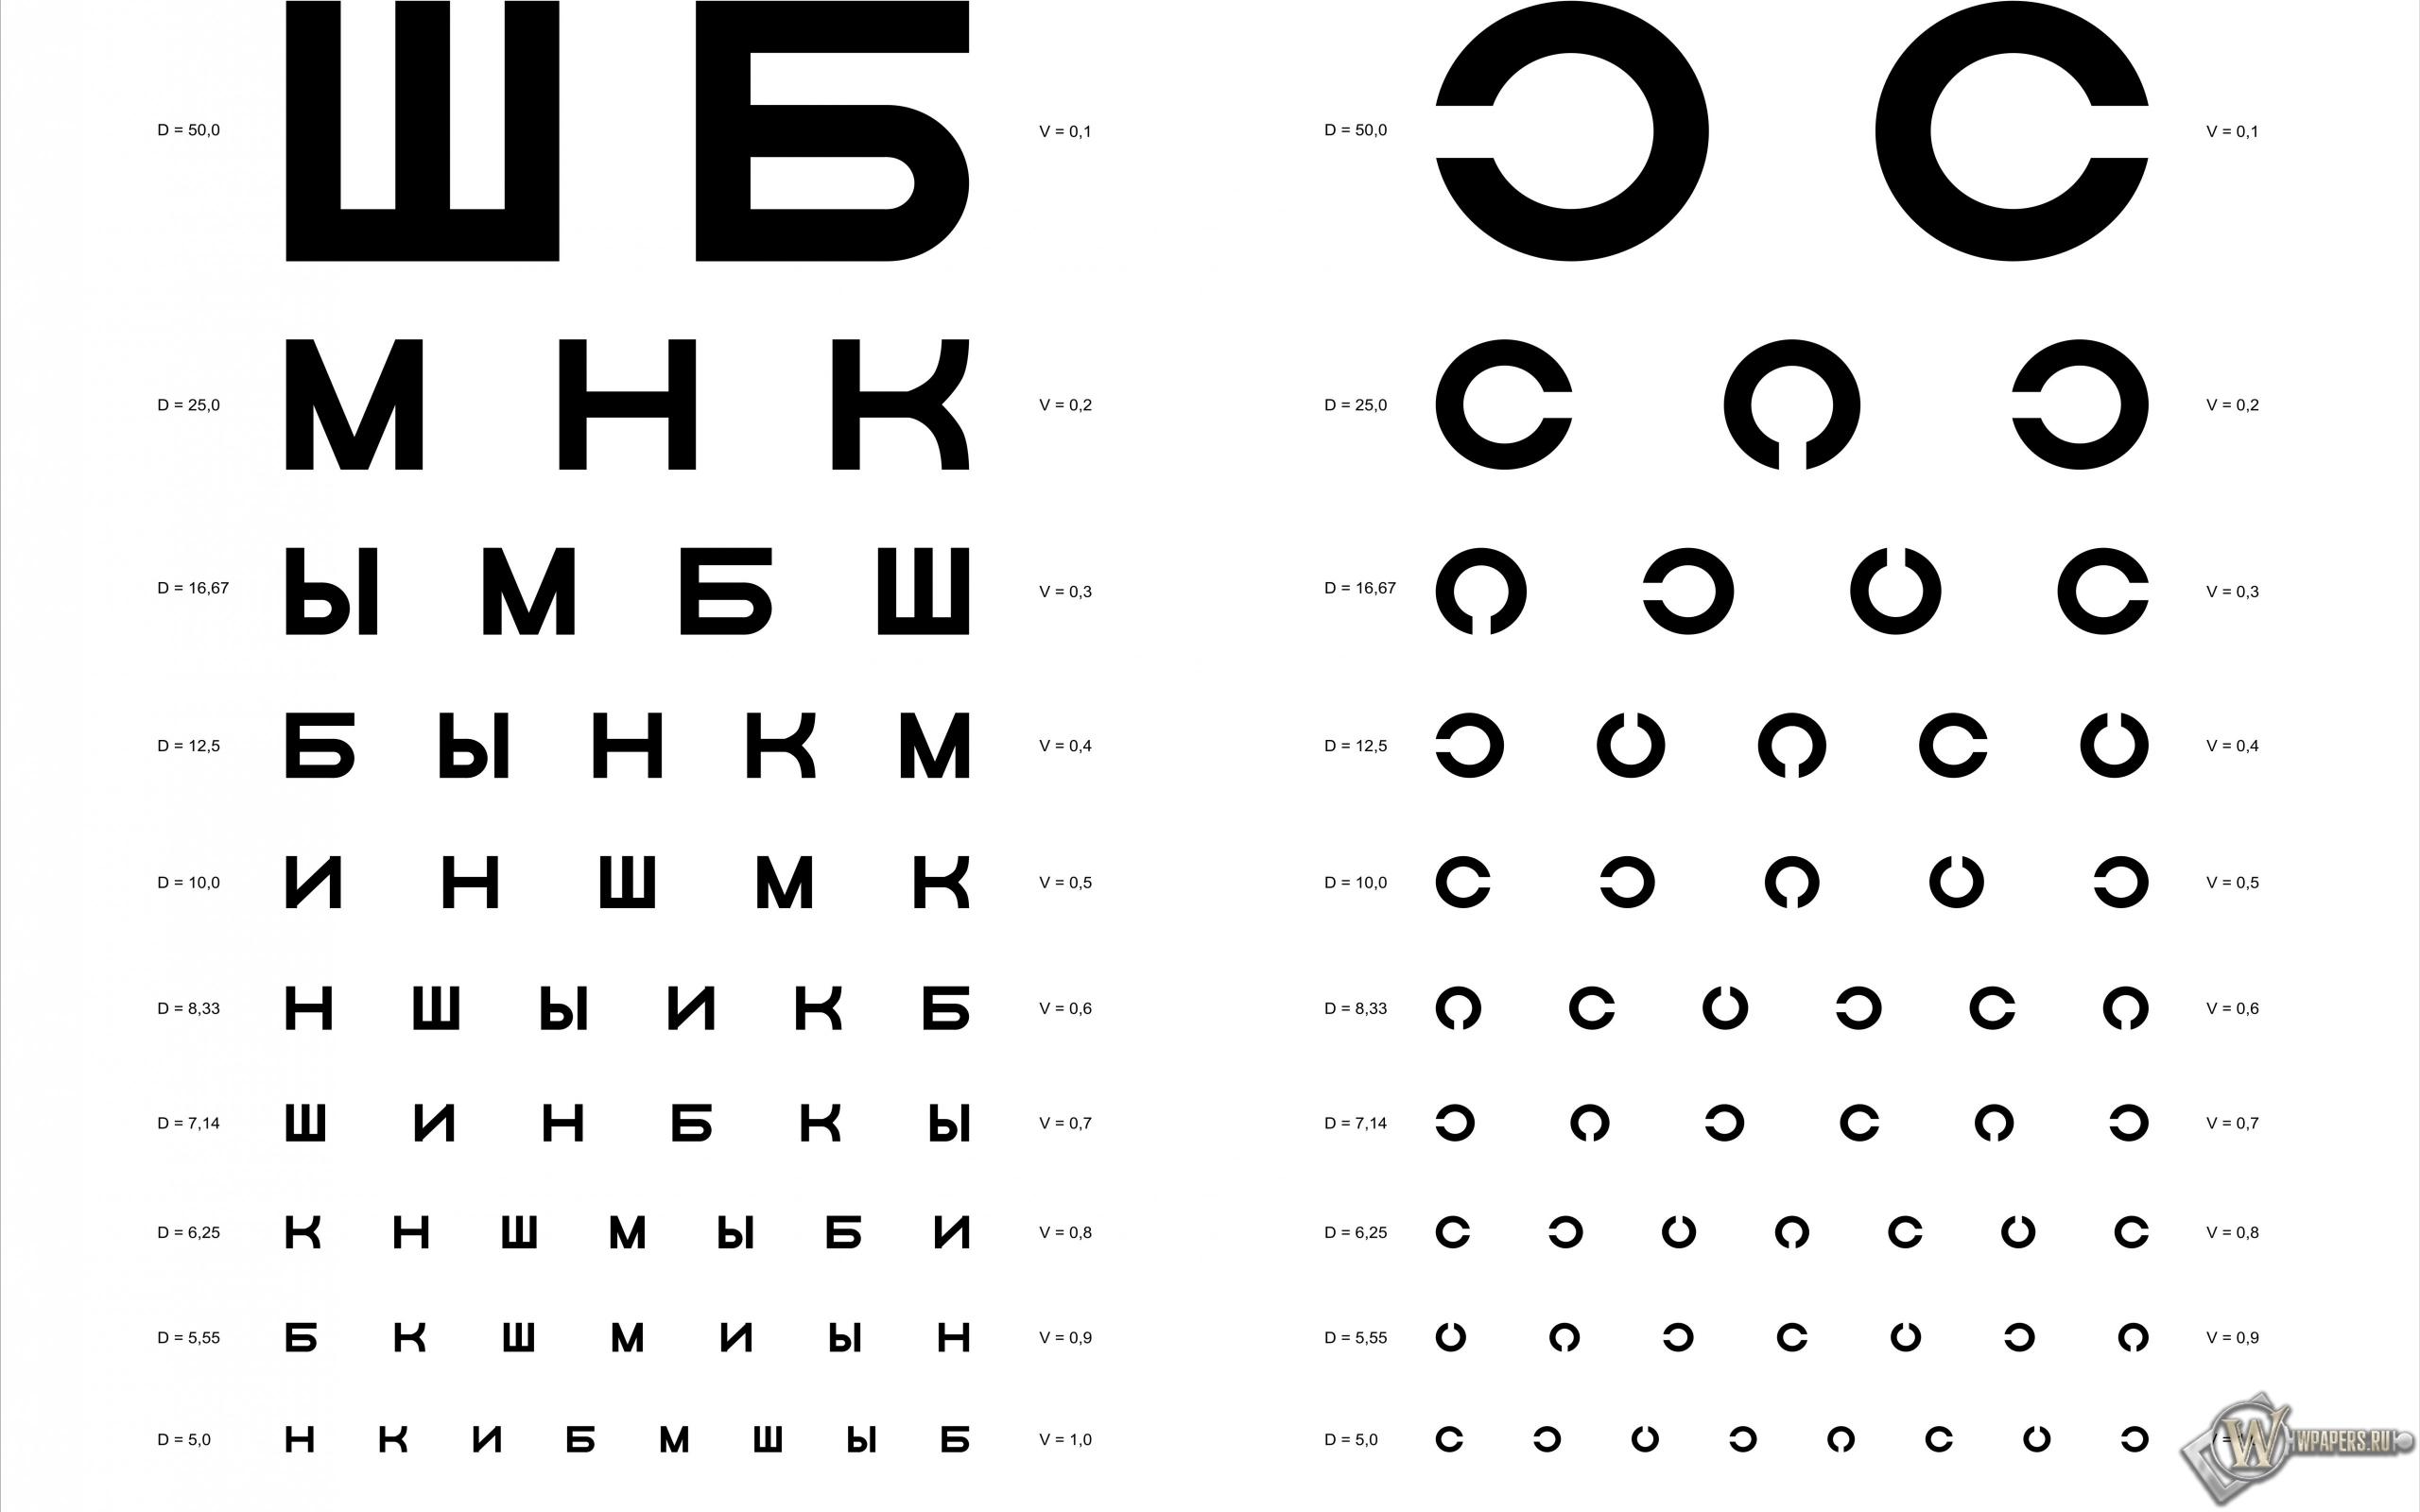 Таблица Д.А. Сивцева для проверки зрения 2560x1600